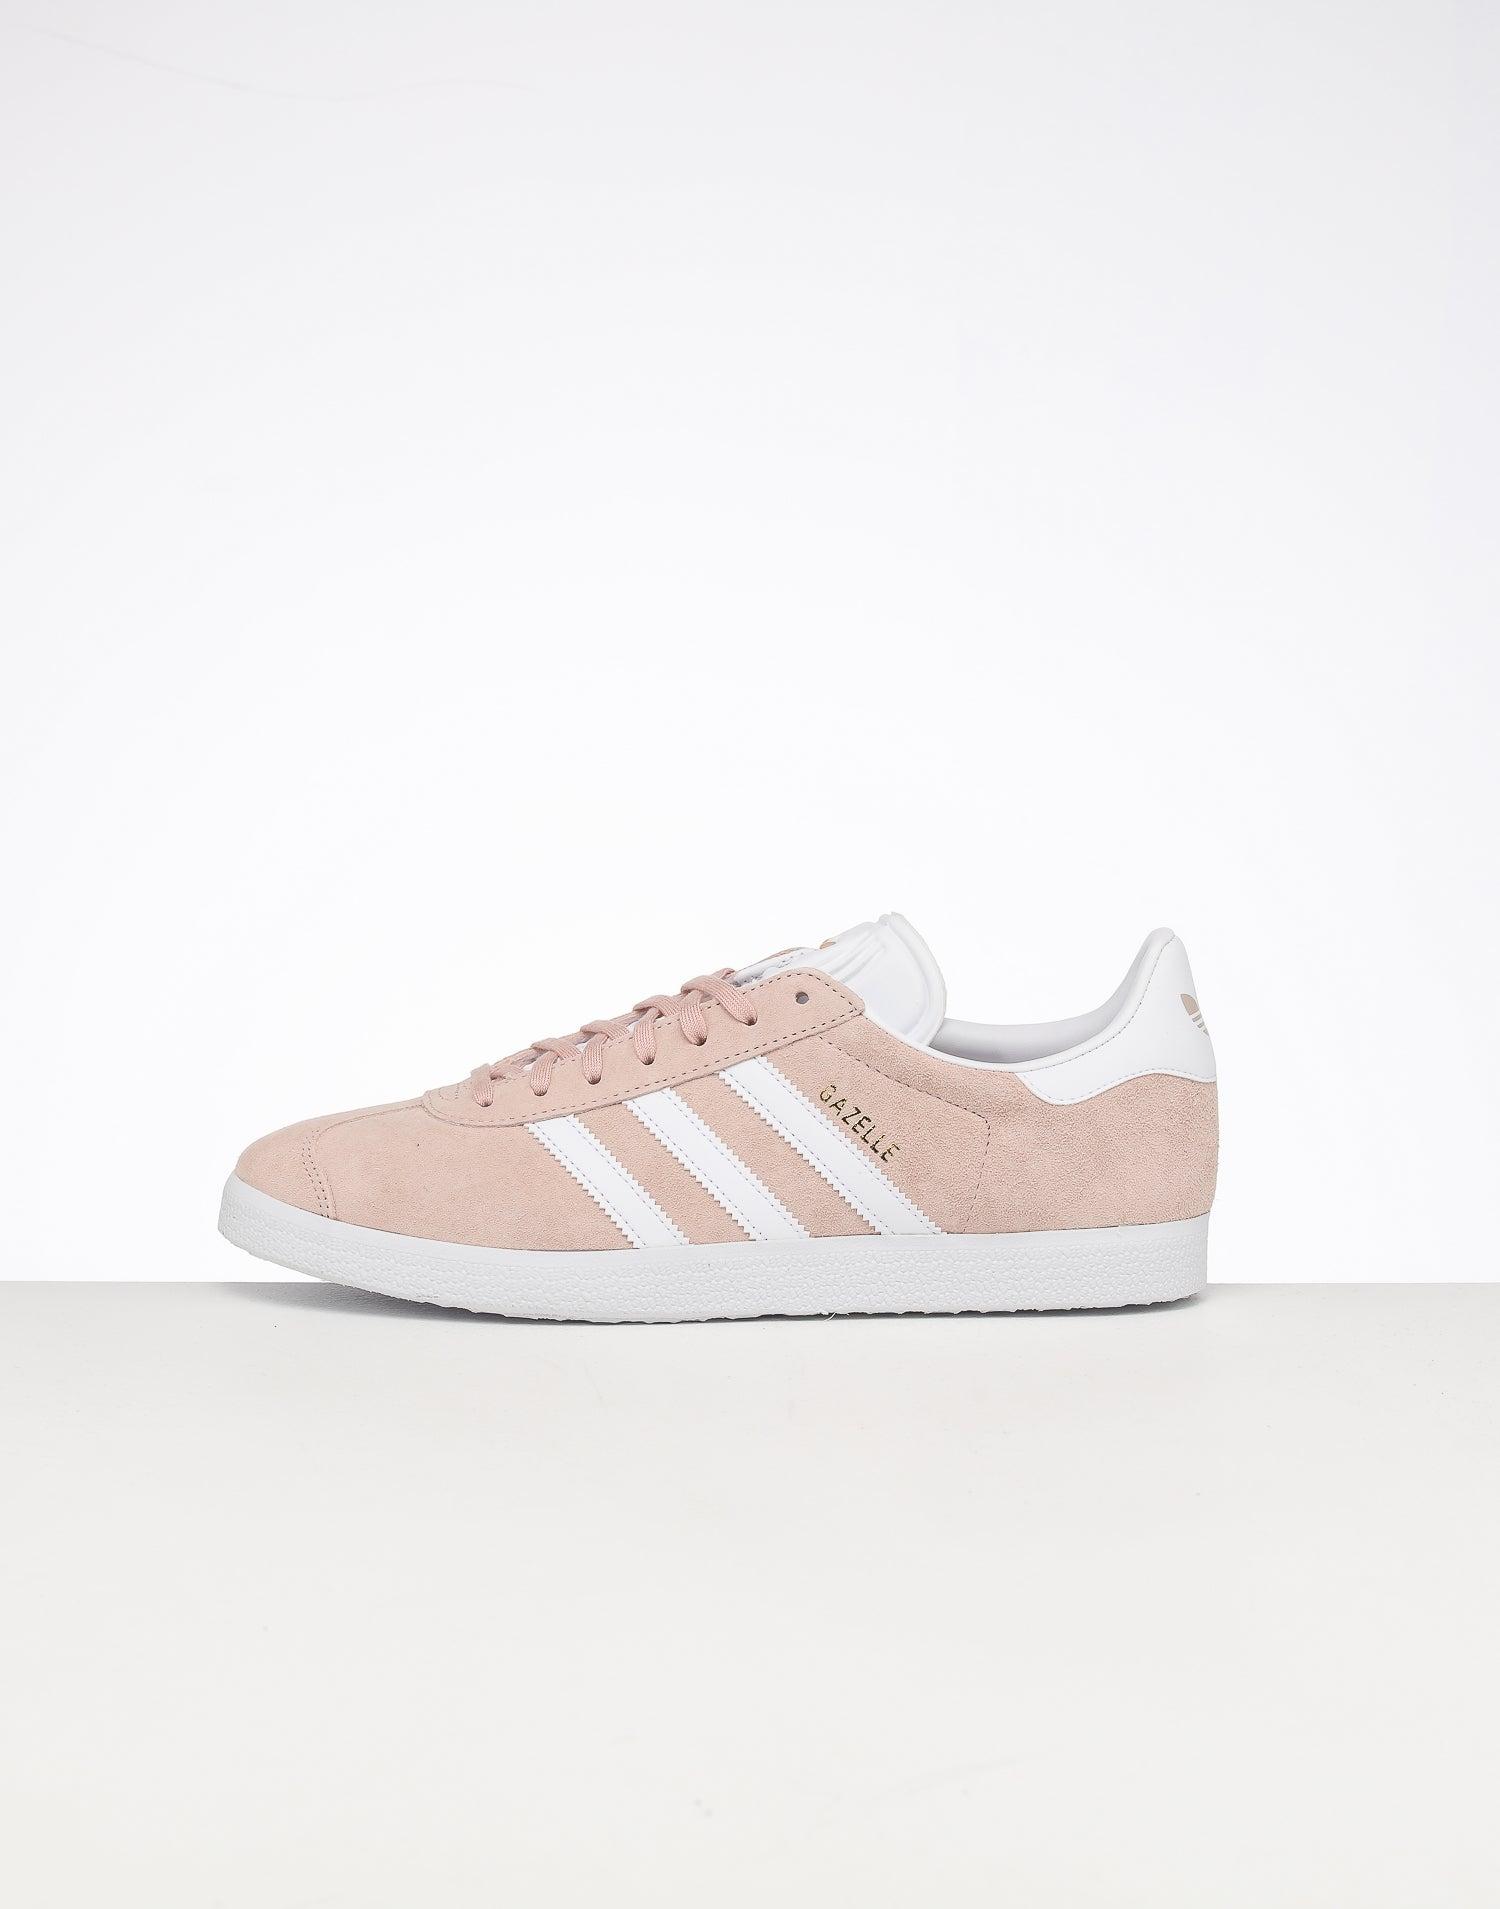 adidas Women's Gazelle W Leather Low Sneaker in Pink White Gold